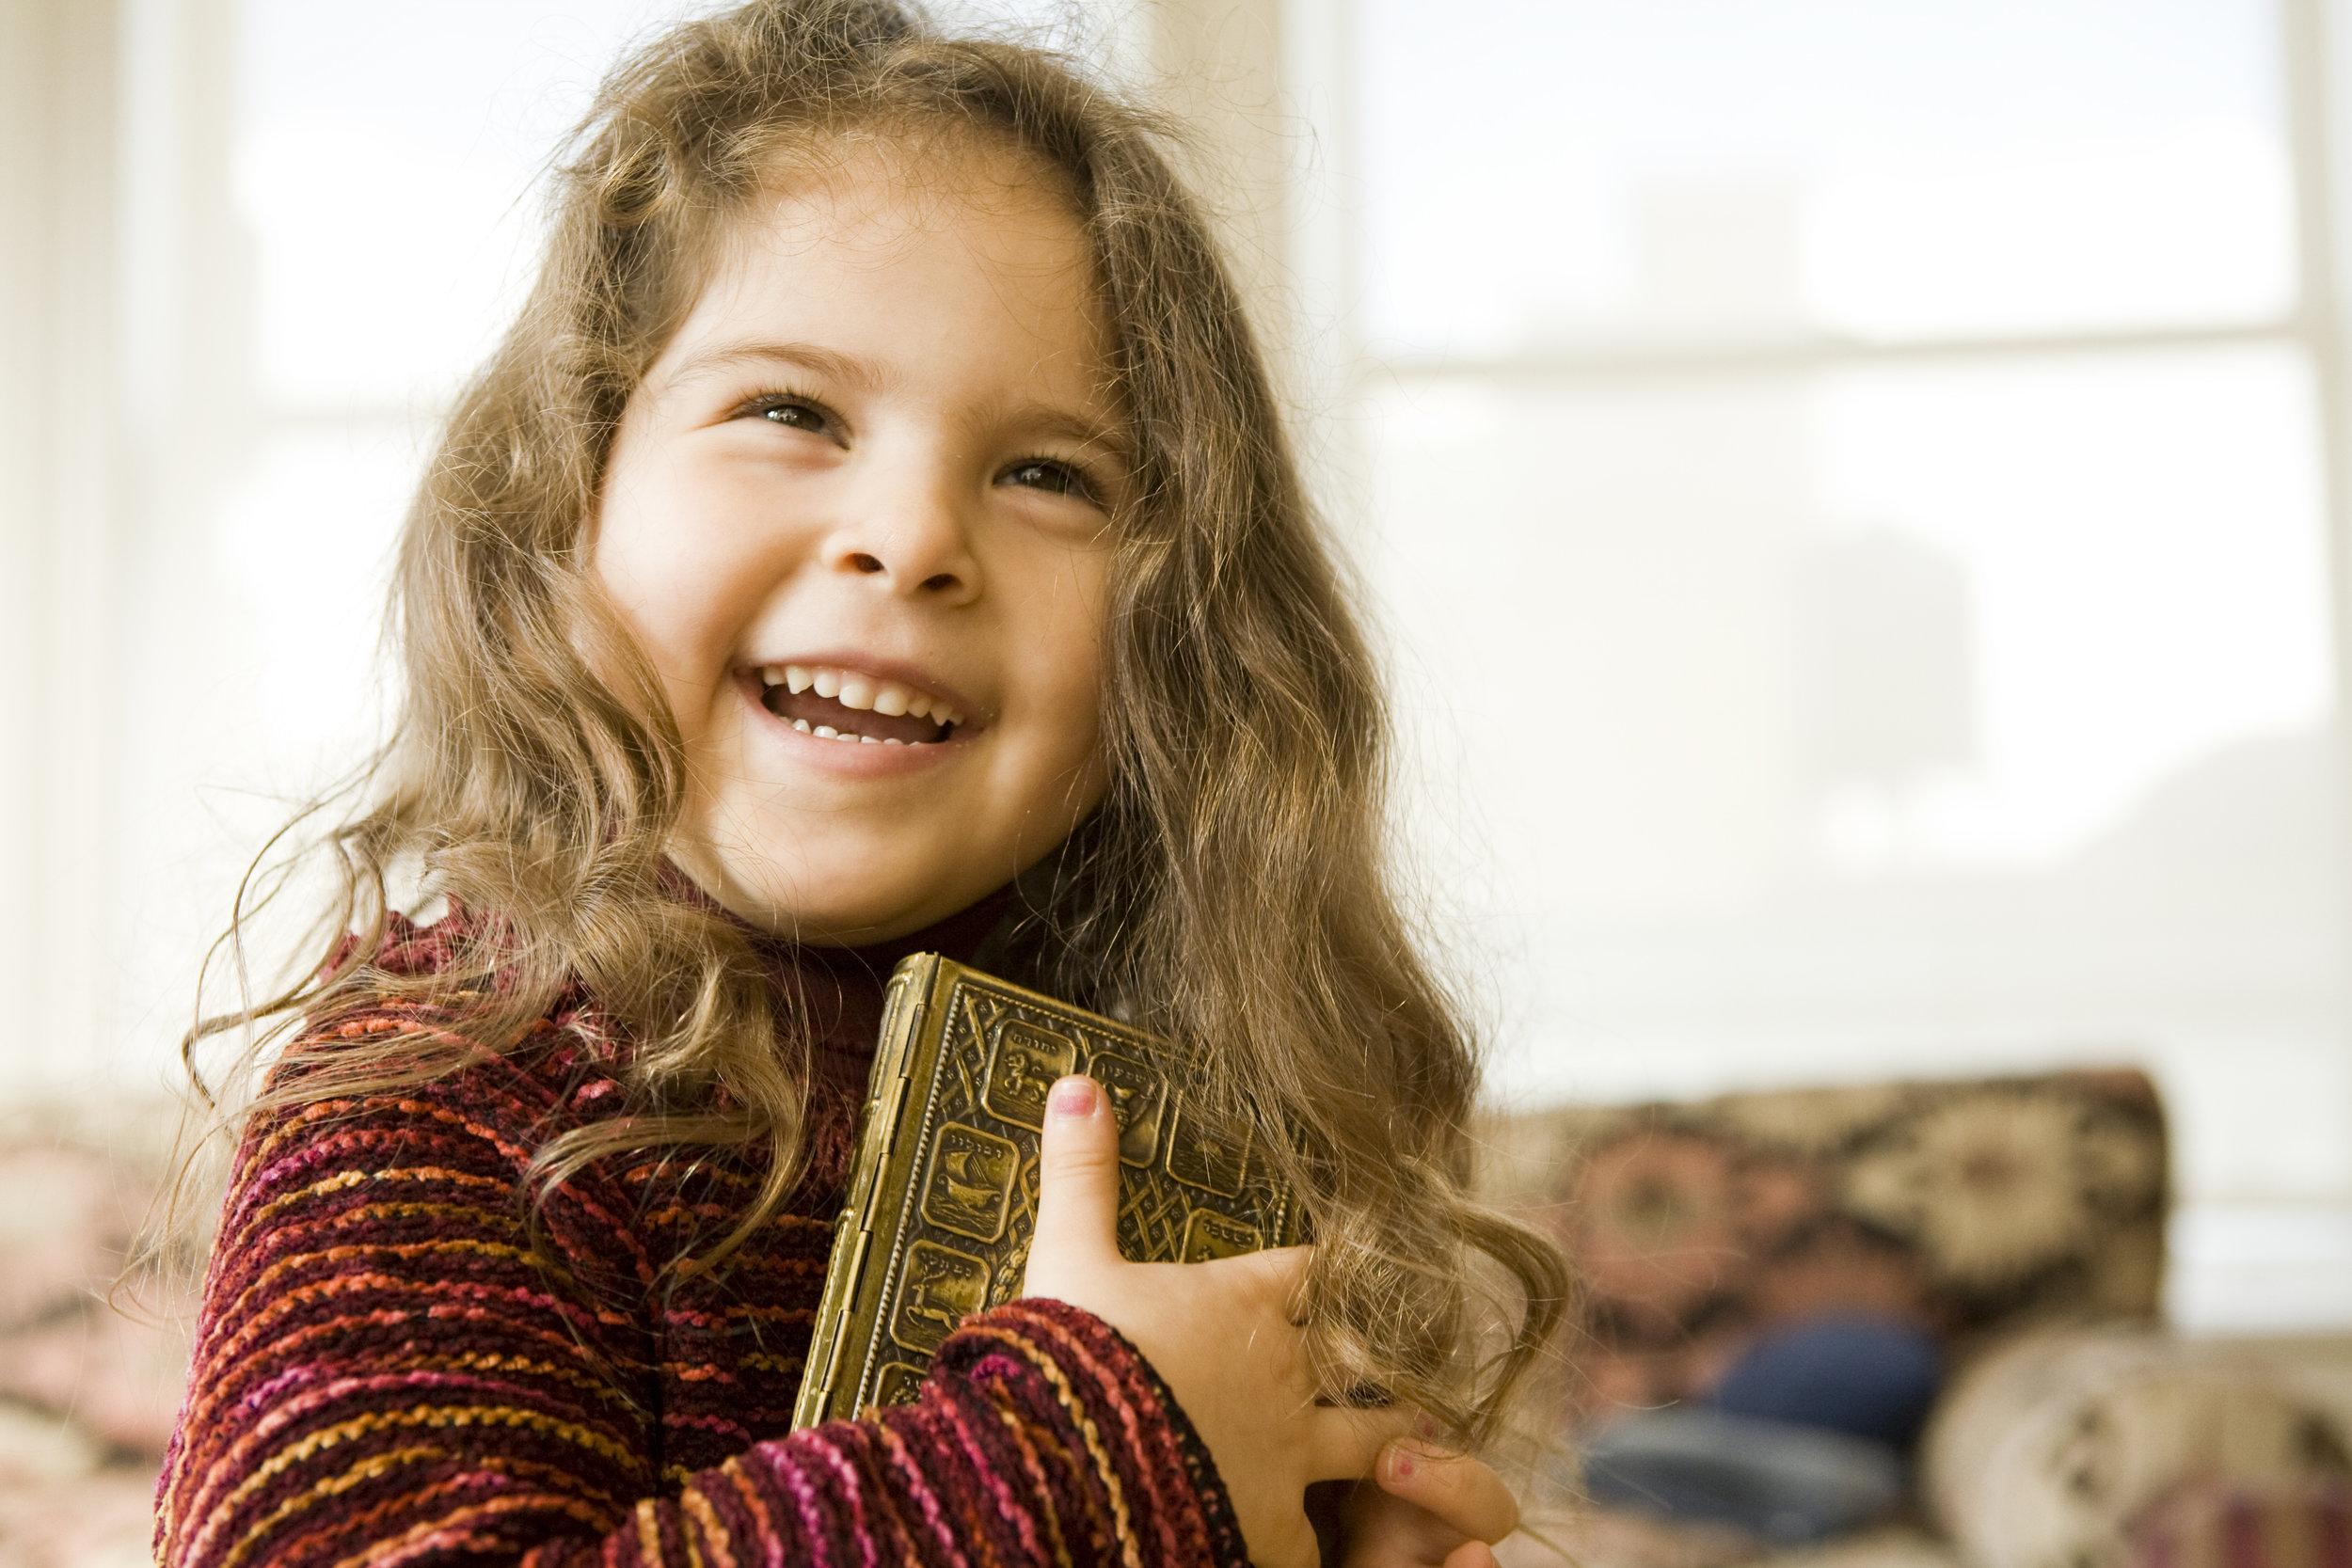 Laughing, Smiling, Girl Hugging a Prayer Book.jpg